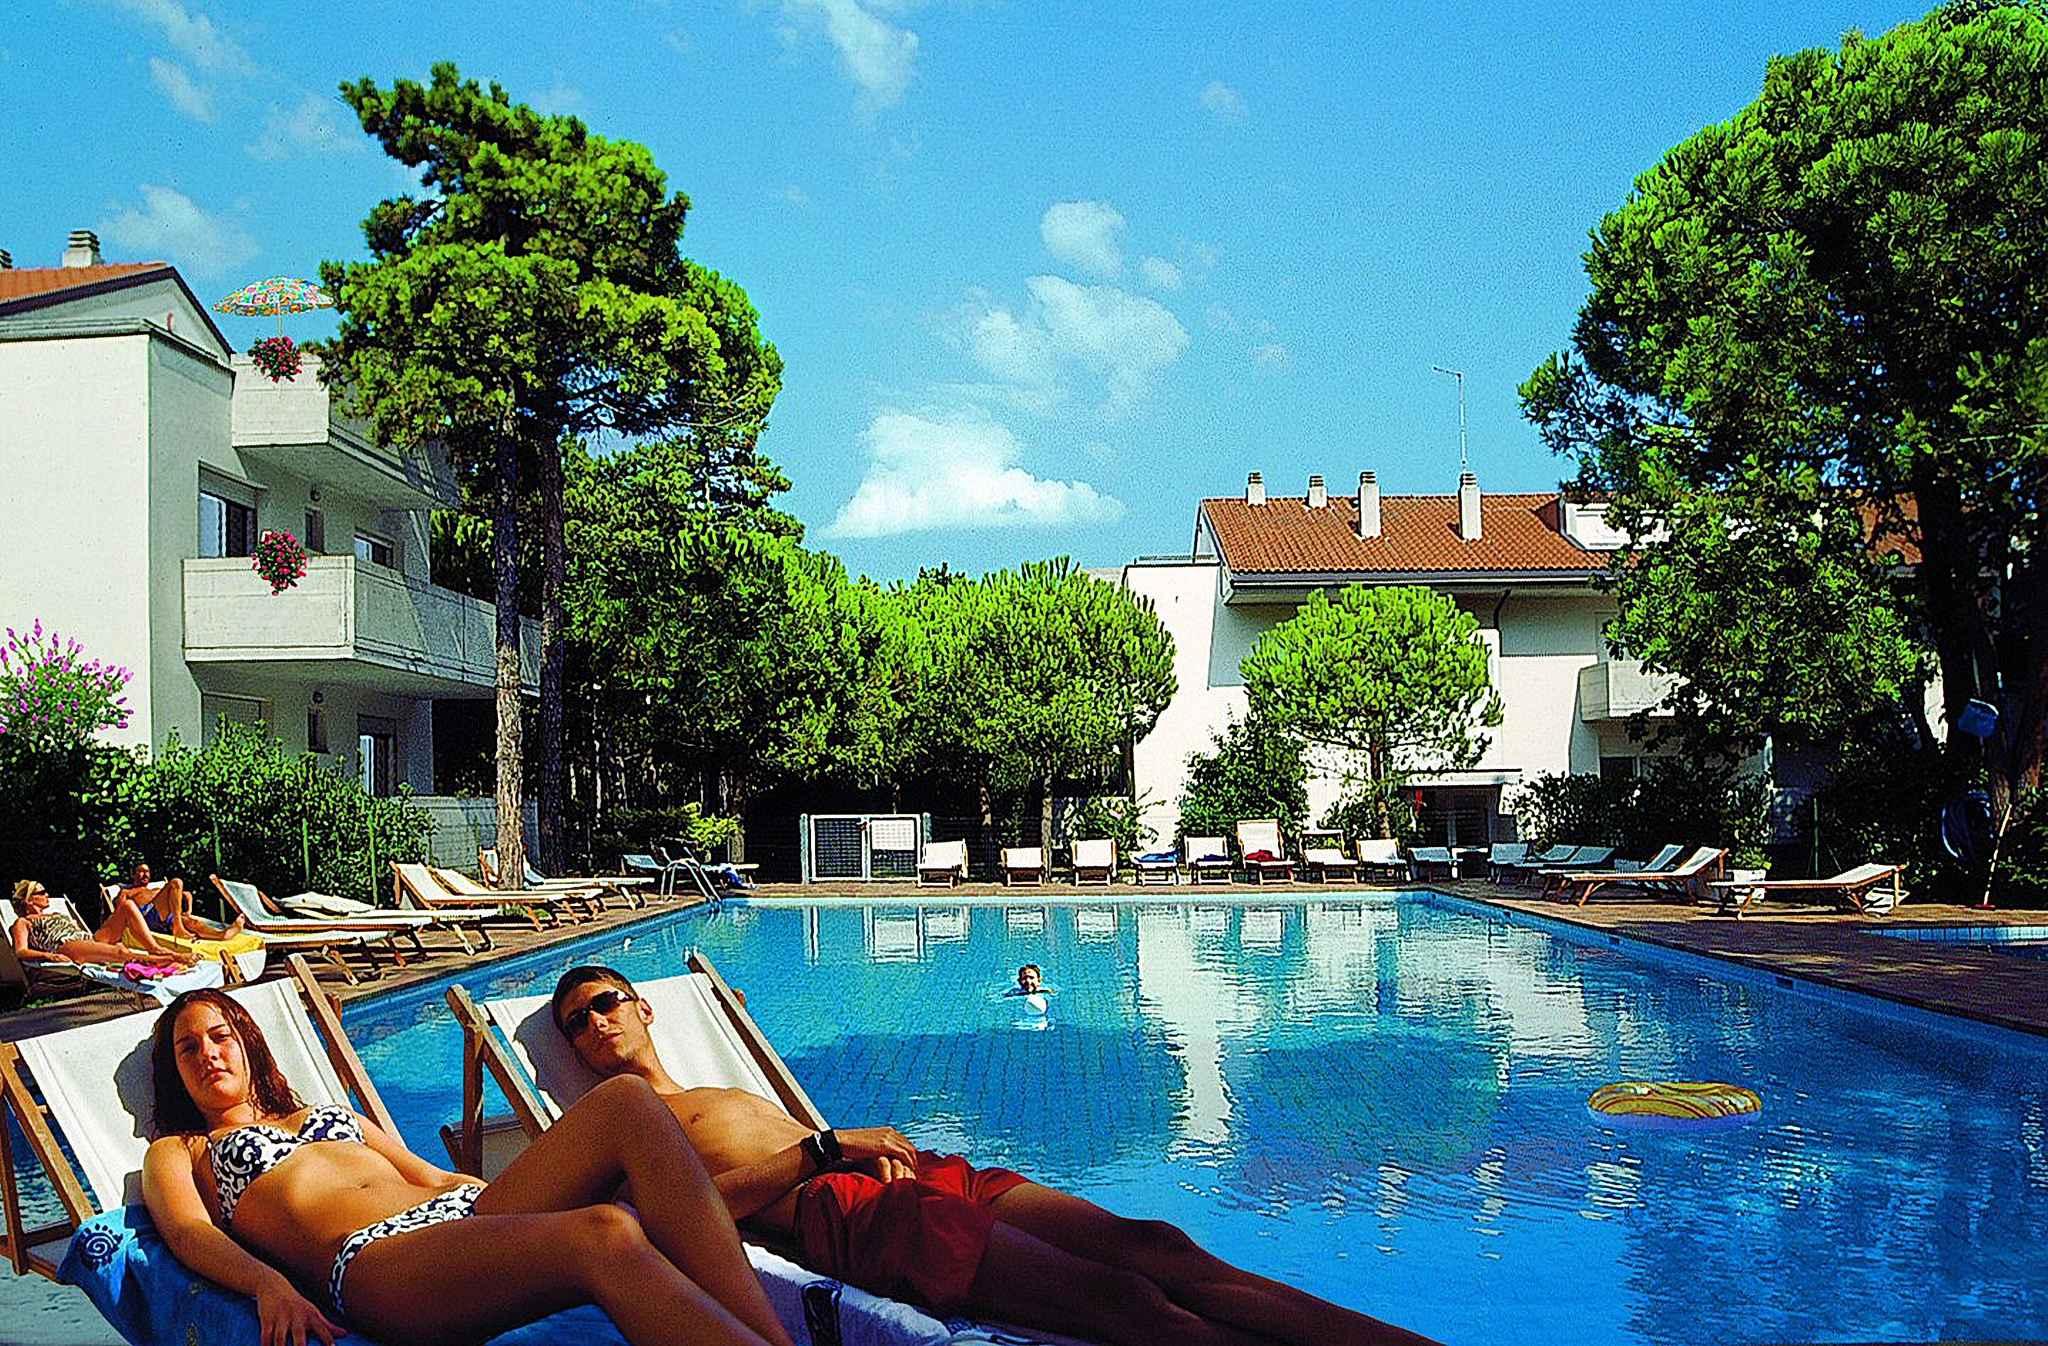 Ferienwohnung Ferienanlage Parco Hemingway mit Pool (279397), Lignano Sabbiadoro, Adriaküste (Friaul-Julisch Venetien), Friaul-Julisch Venetien, Italien, Bild 3